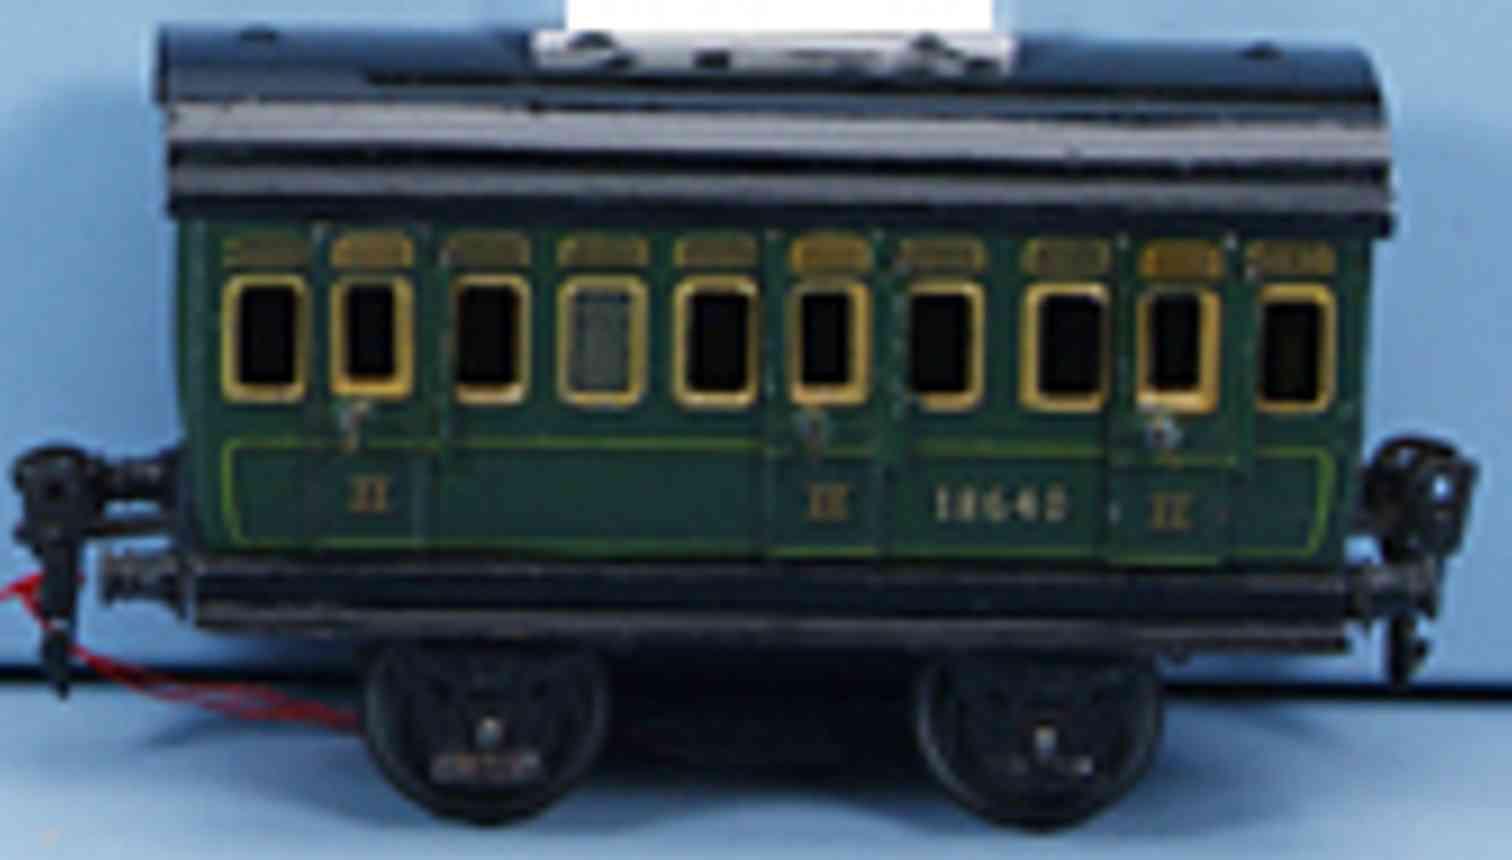 marklin 1864/0 spielzeug eisenbahn personenwagen abteilwagen in gruen spur 0